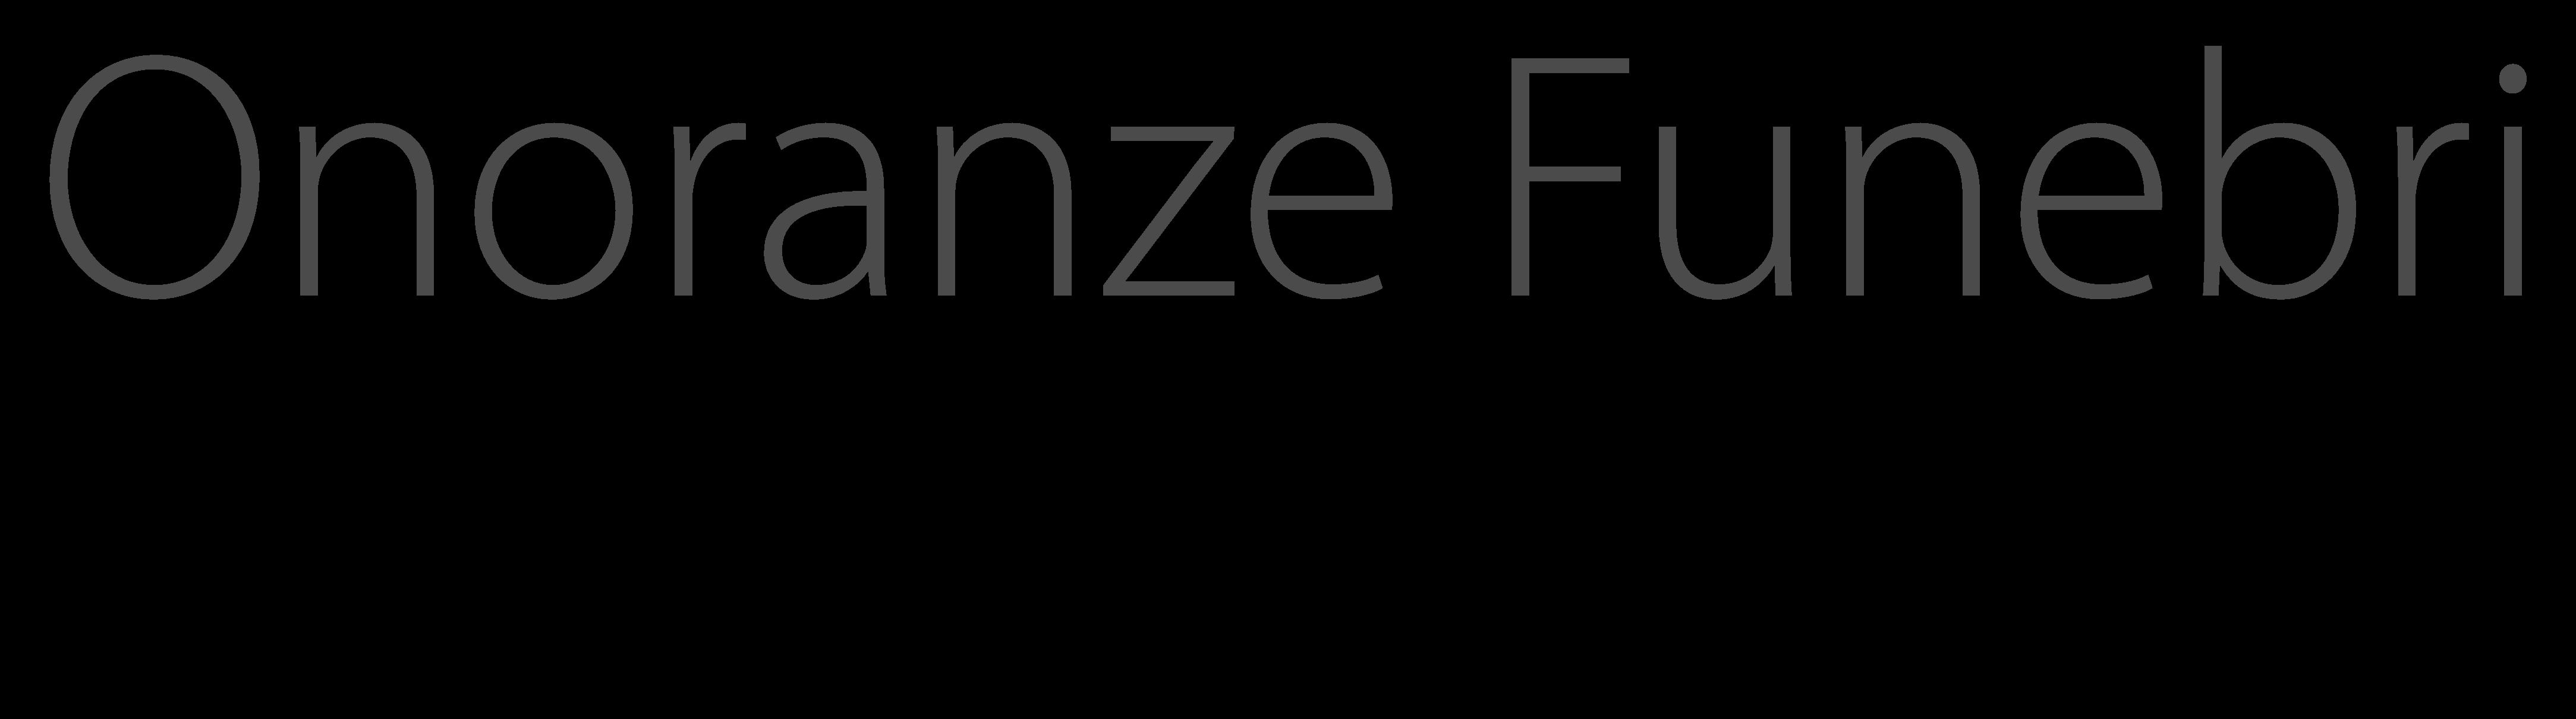 Onoranze Funebri La Rinascente logo